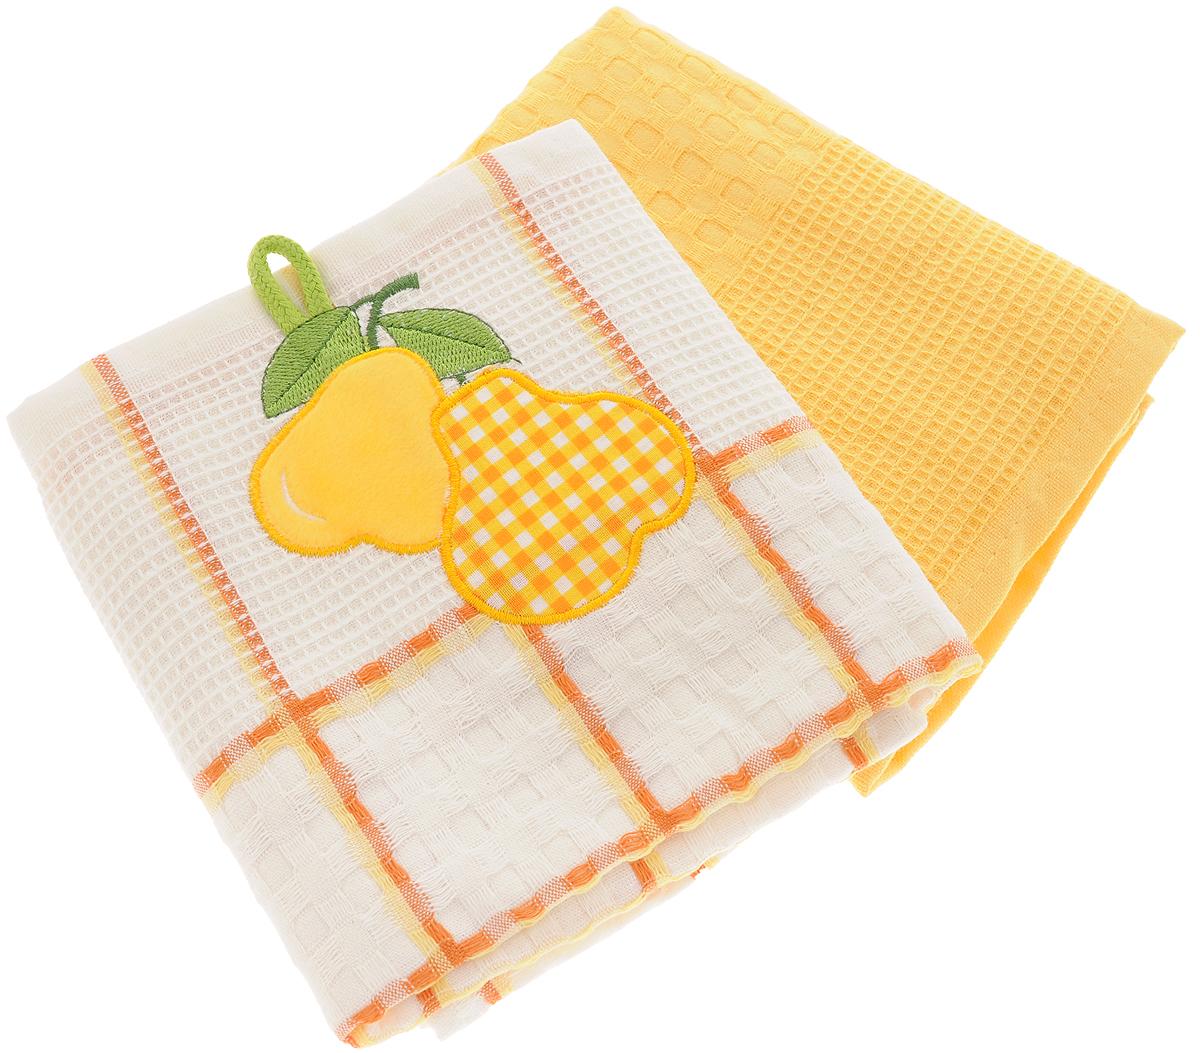 Набор кухонных полотенец Bonita Груша, цвет: желтый, белый, 45 х 70 см, 2 шт набор кухонных полотенец cherir груша 45 70 см 2 предмета